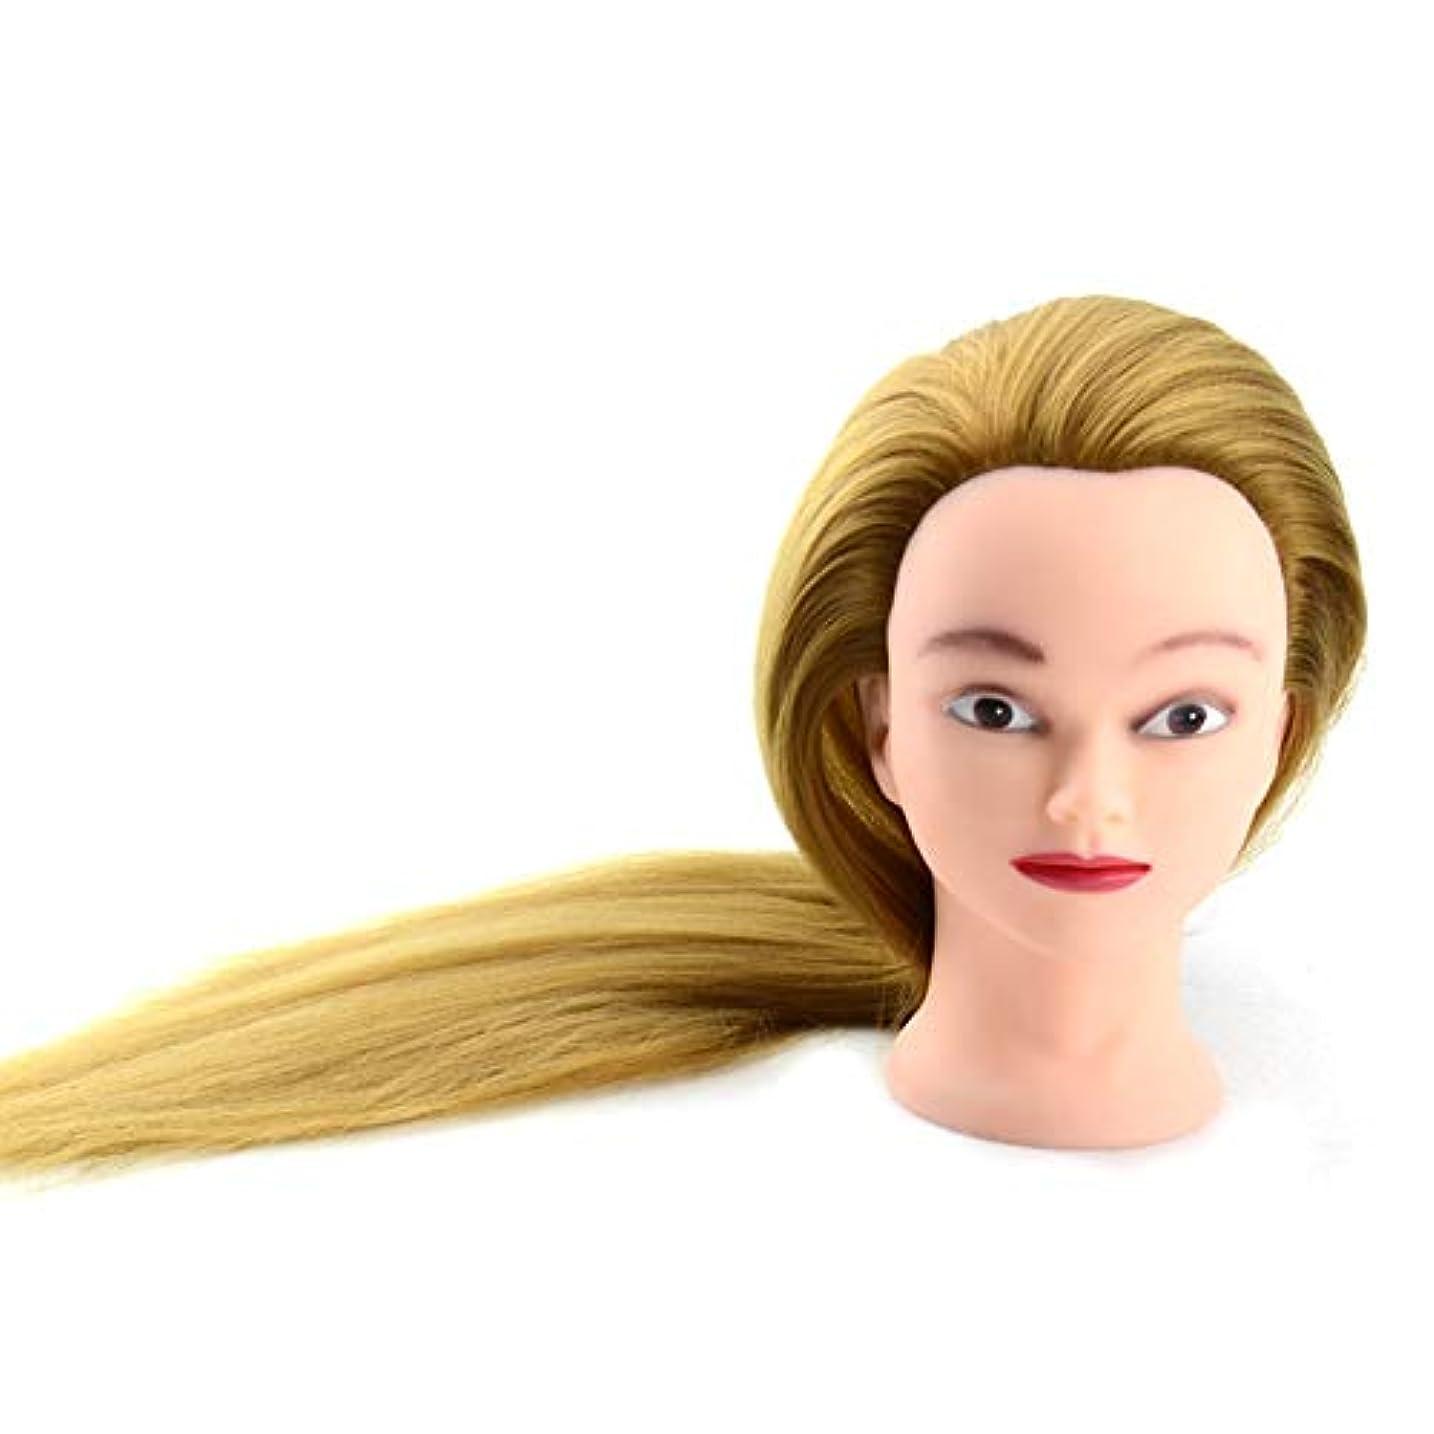 楽しい標高ヒューバートハドソン化学繊維ウィッグヘッドモデル花嫁メイクスタイリング練習ダミーヘッドサロントリミング学習マネキンヘッド